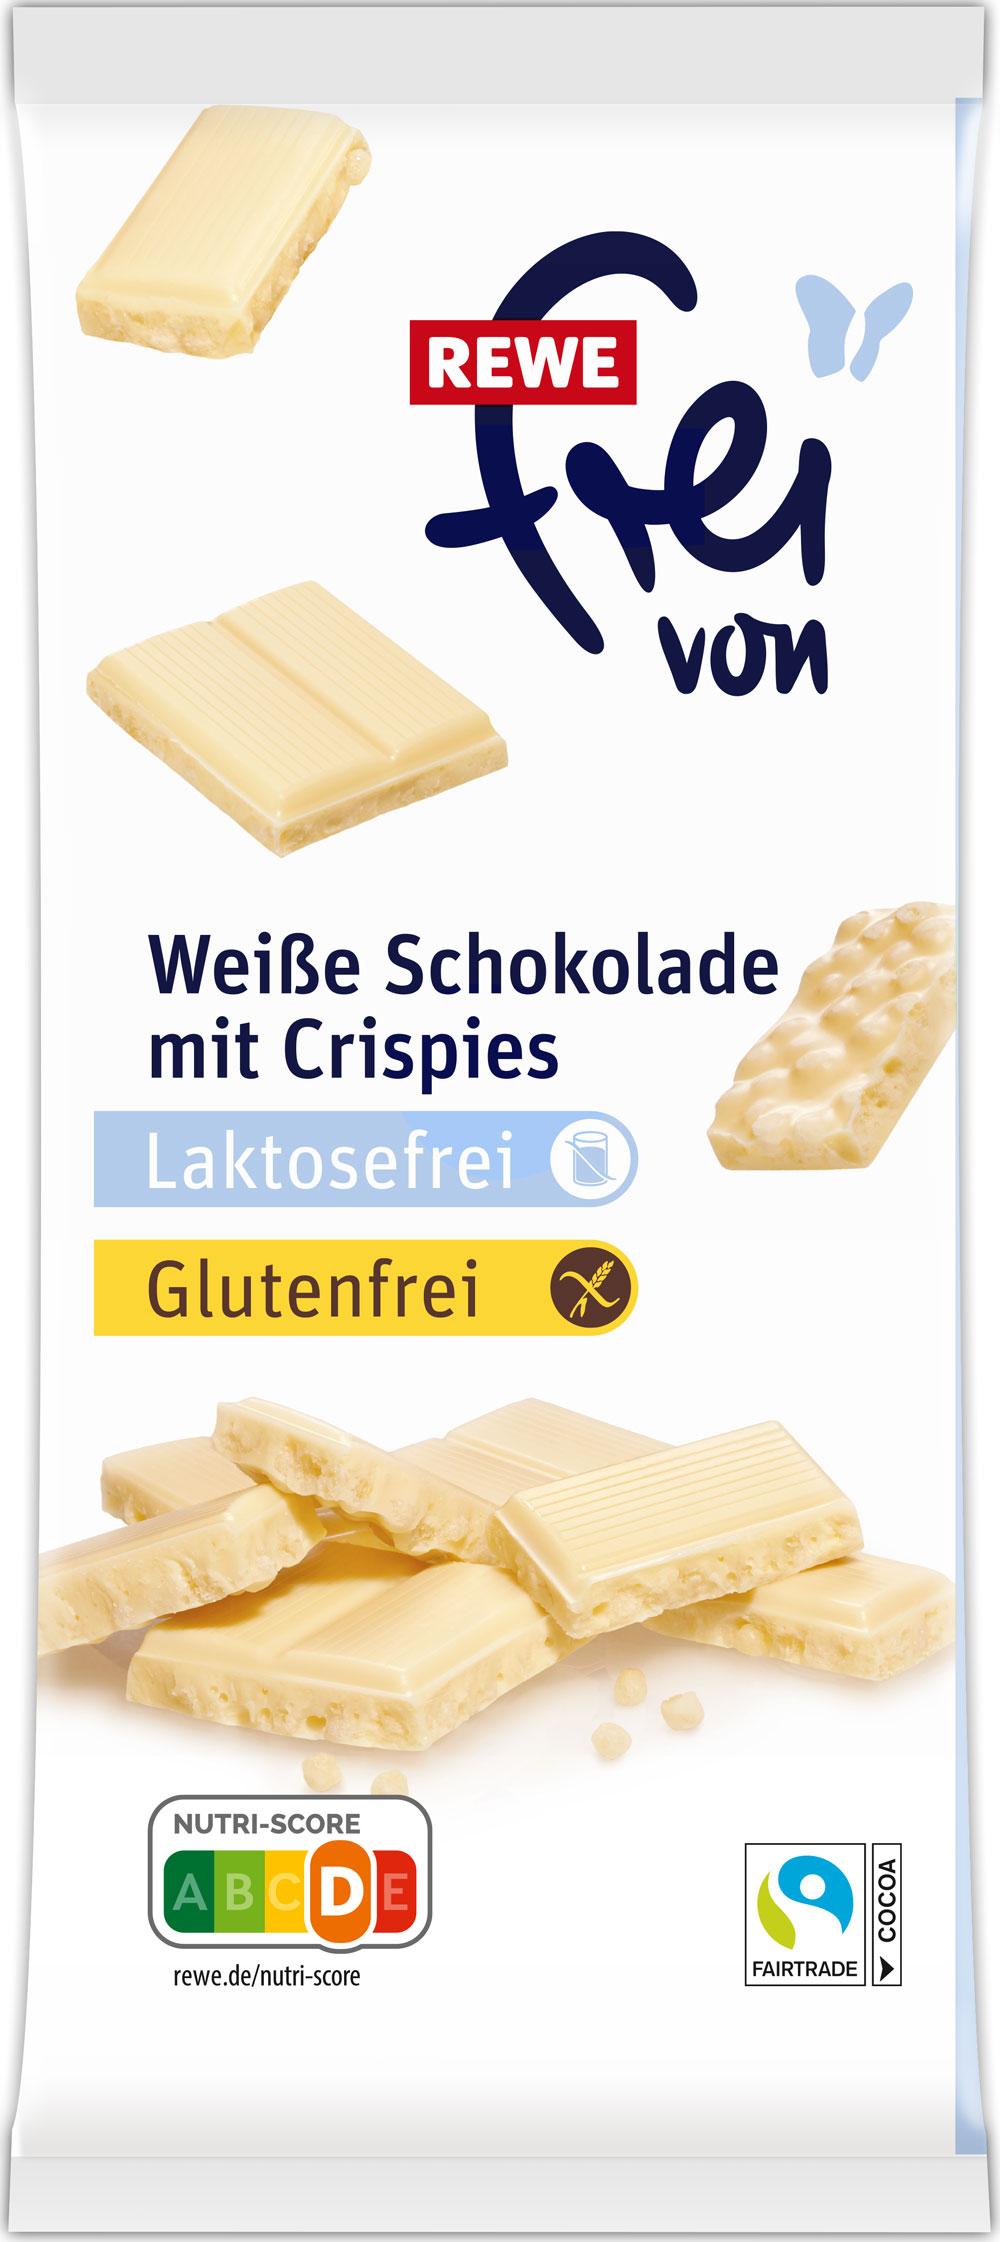 Laktosefreie Weiße Schokolade mit Crispies